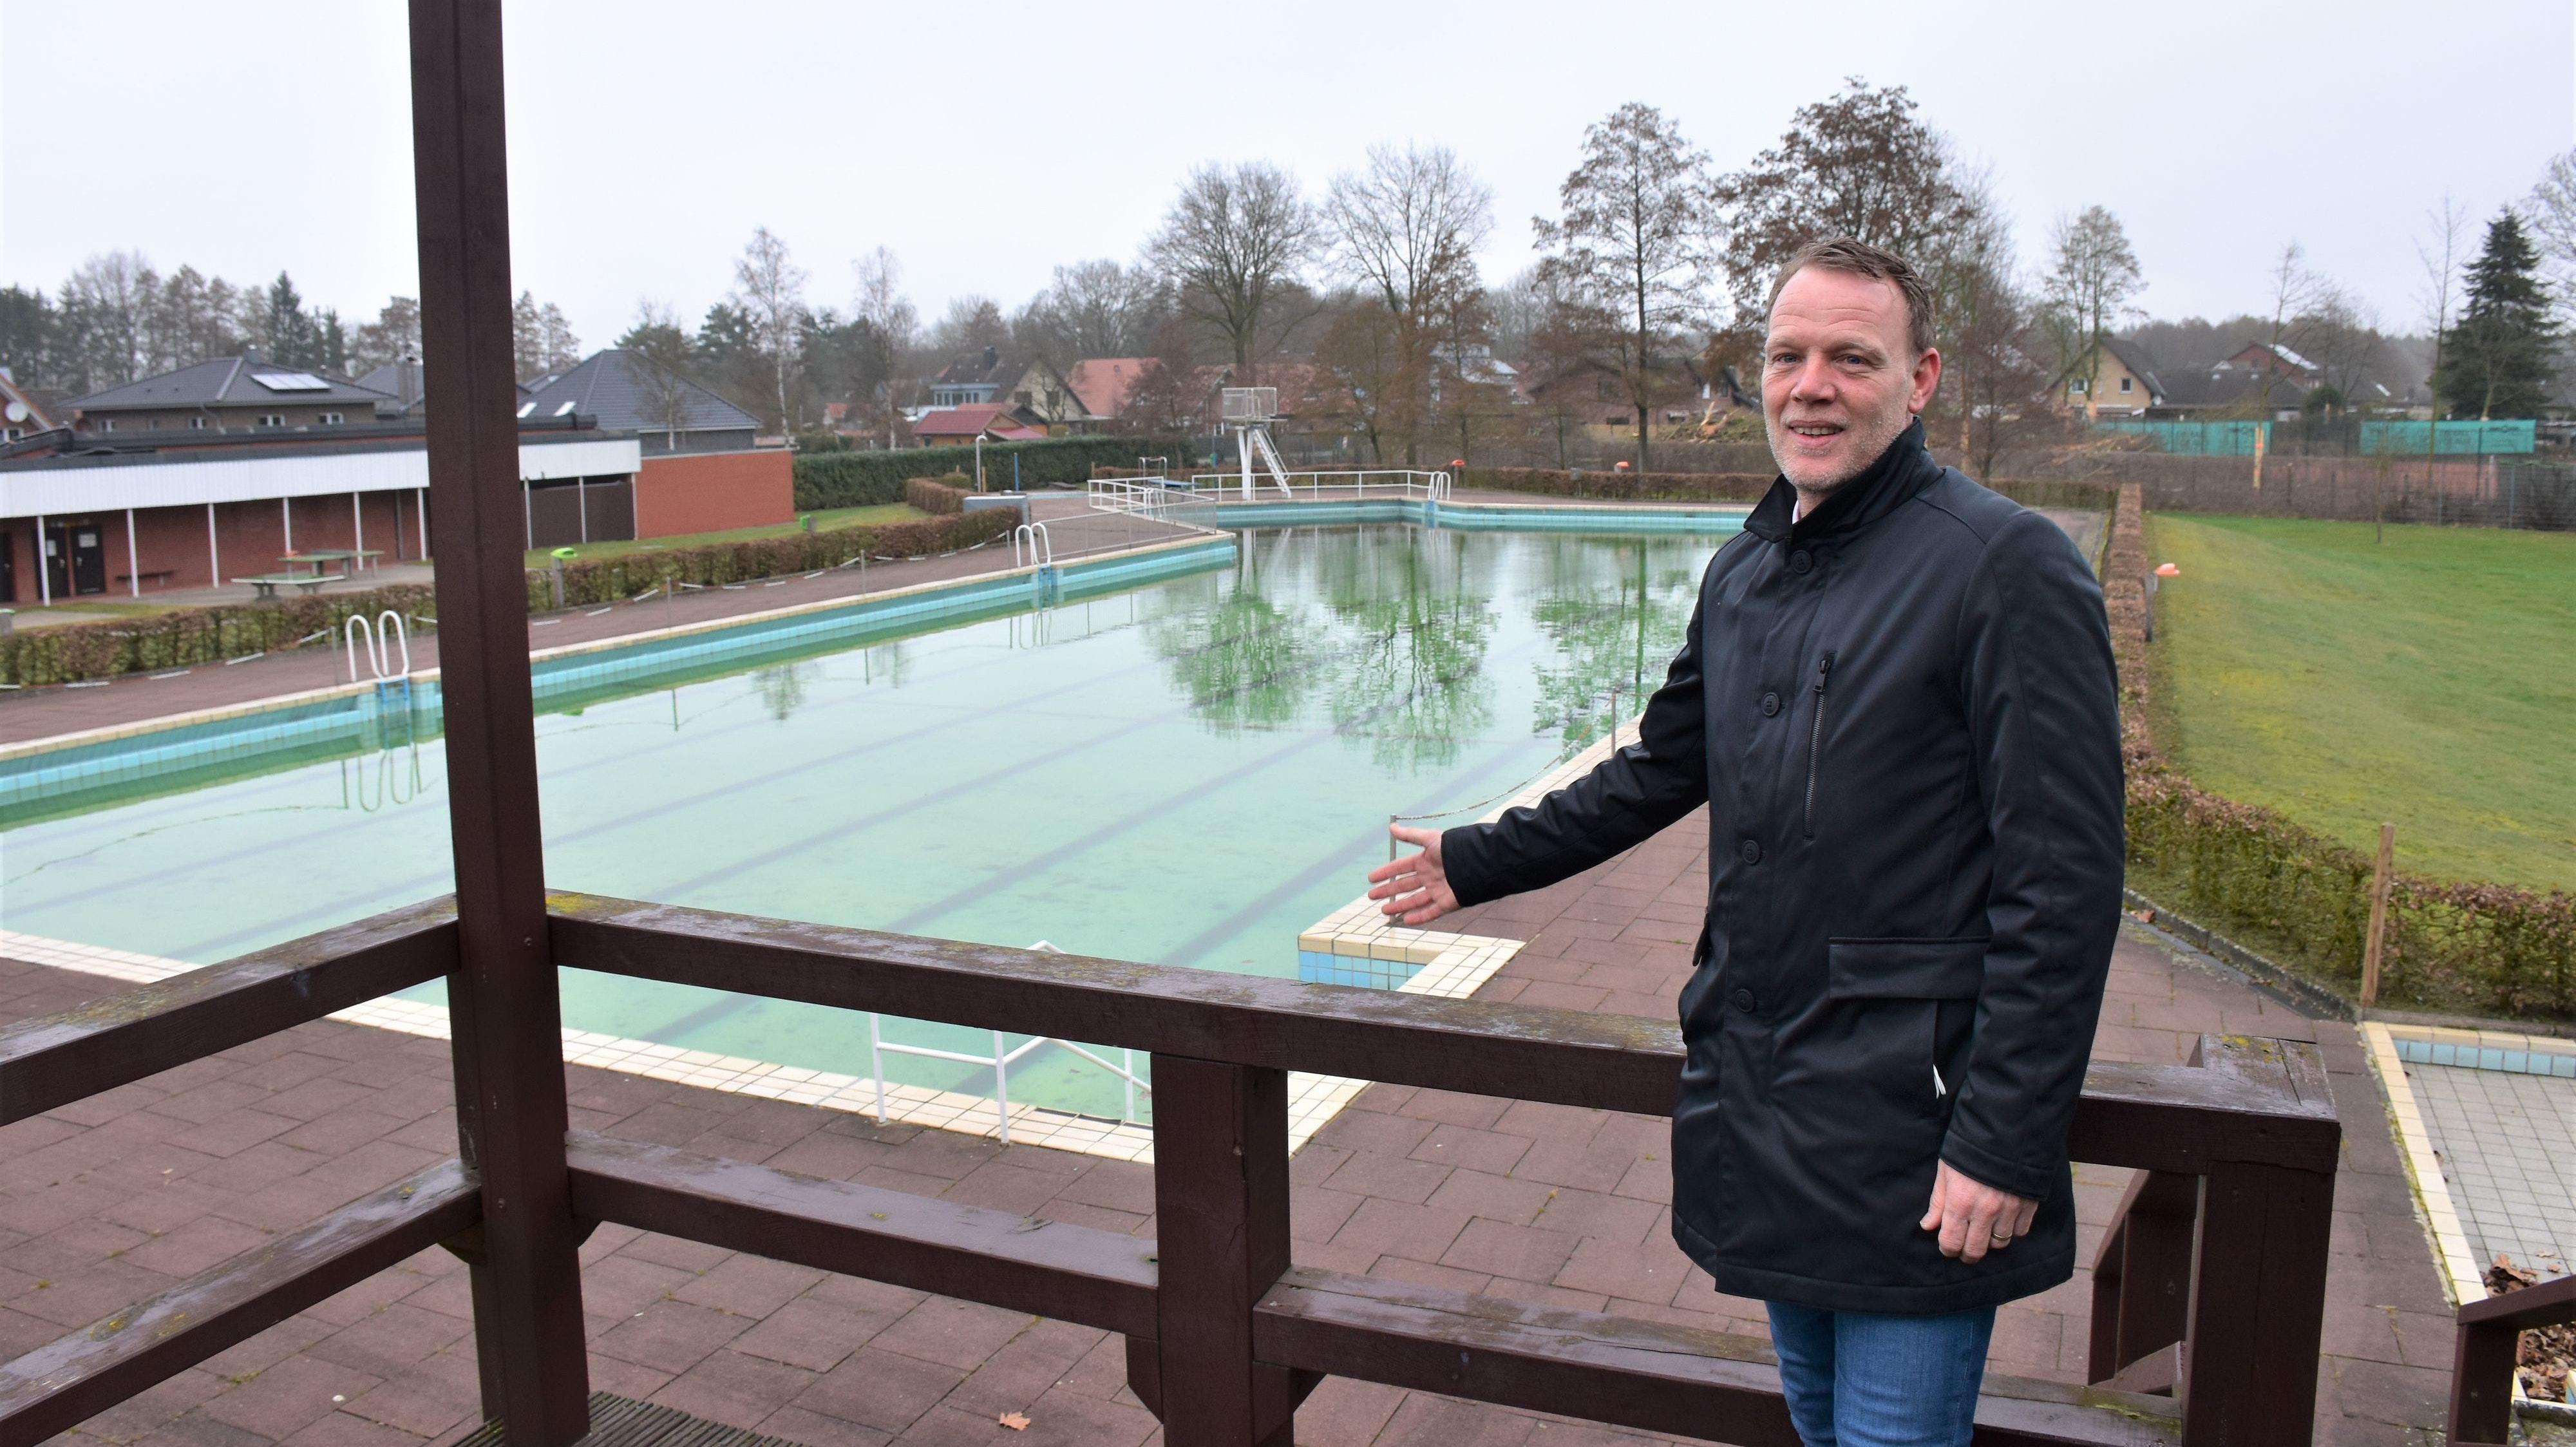 Erleichtert und zufrieden: Bürgermeister Frank Bittner freut sich auf die Sanierung des Freibads. Foto: Böckmann